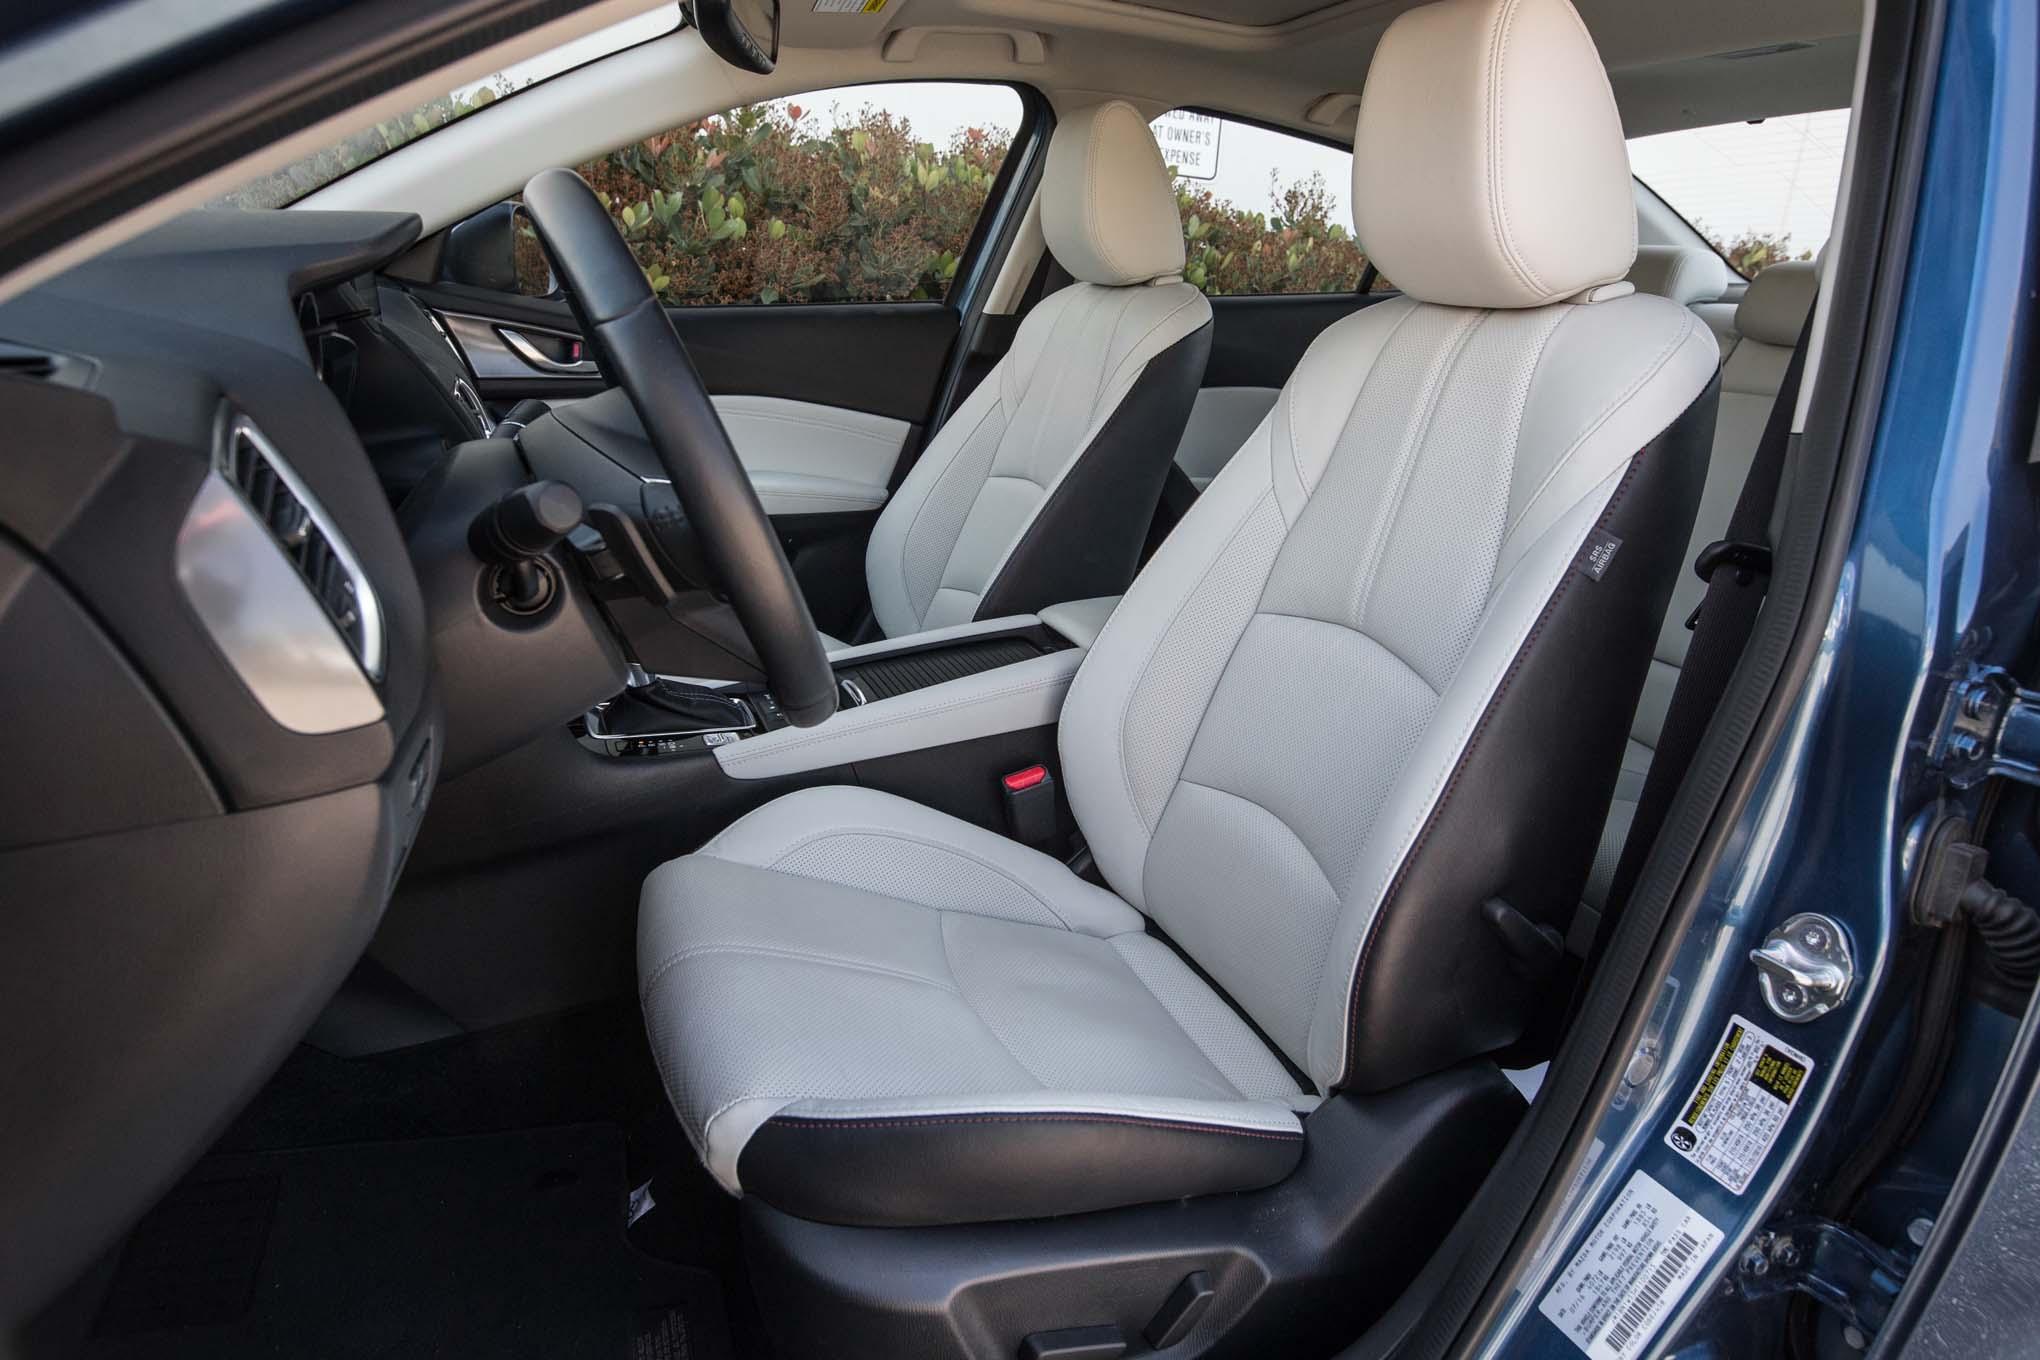 2017 Mazda3 S Gt Front Interior Seats 25 Julio Miguel Cortina